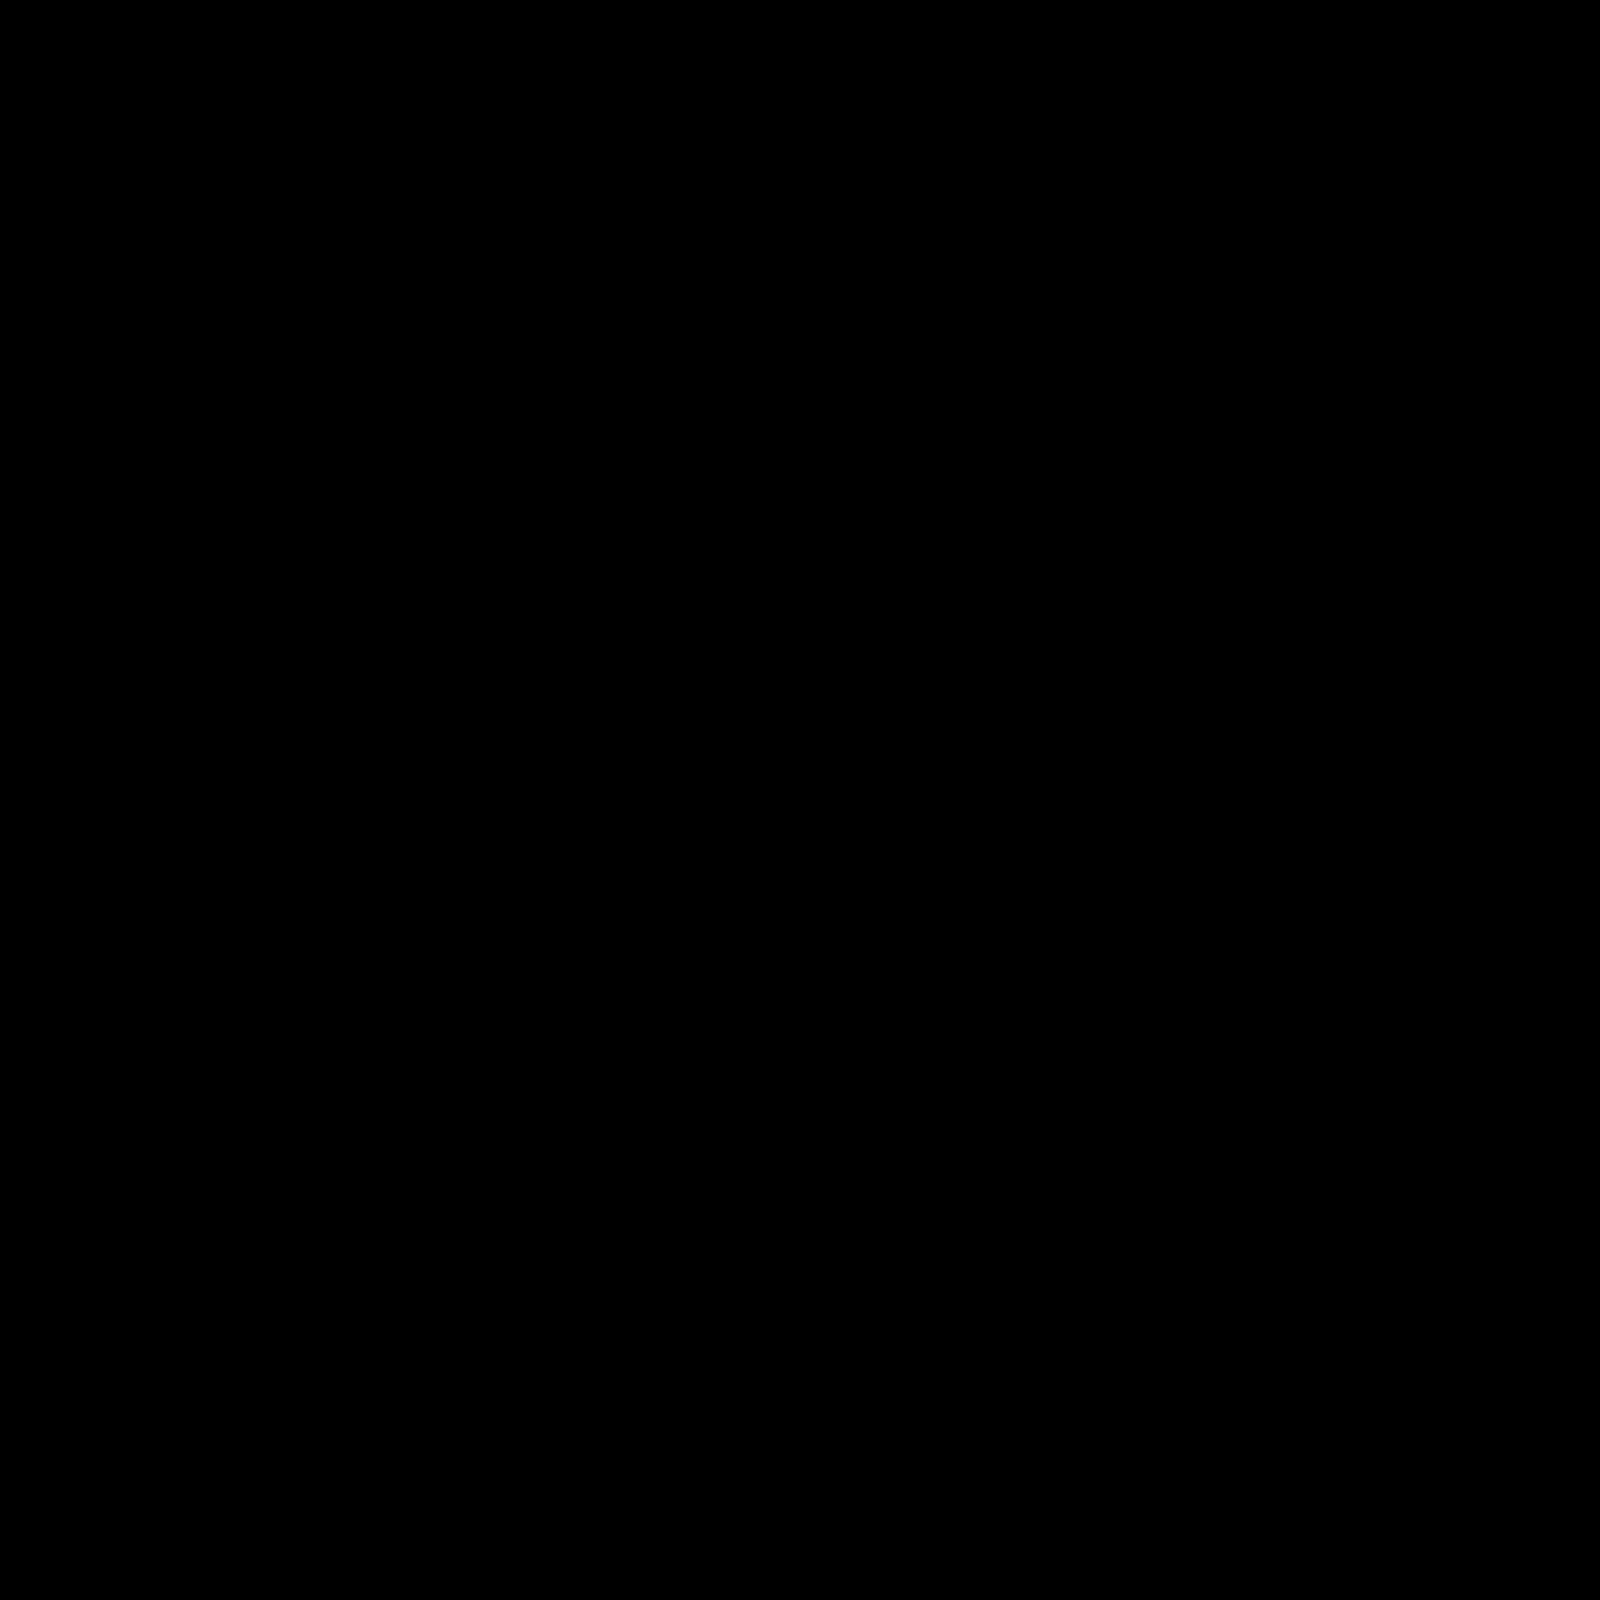 标志2 icon. This is an icon for representing flag 2. There is a long vertical line with the flag waving to the right of it. There is nothing on the flag. It is plain. The flag is made up of two curved perpendicular lines and a vertical line at the end.